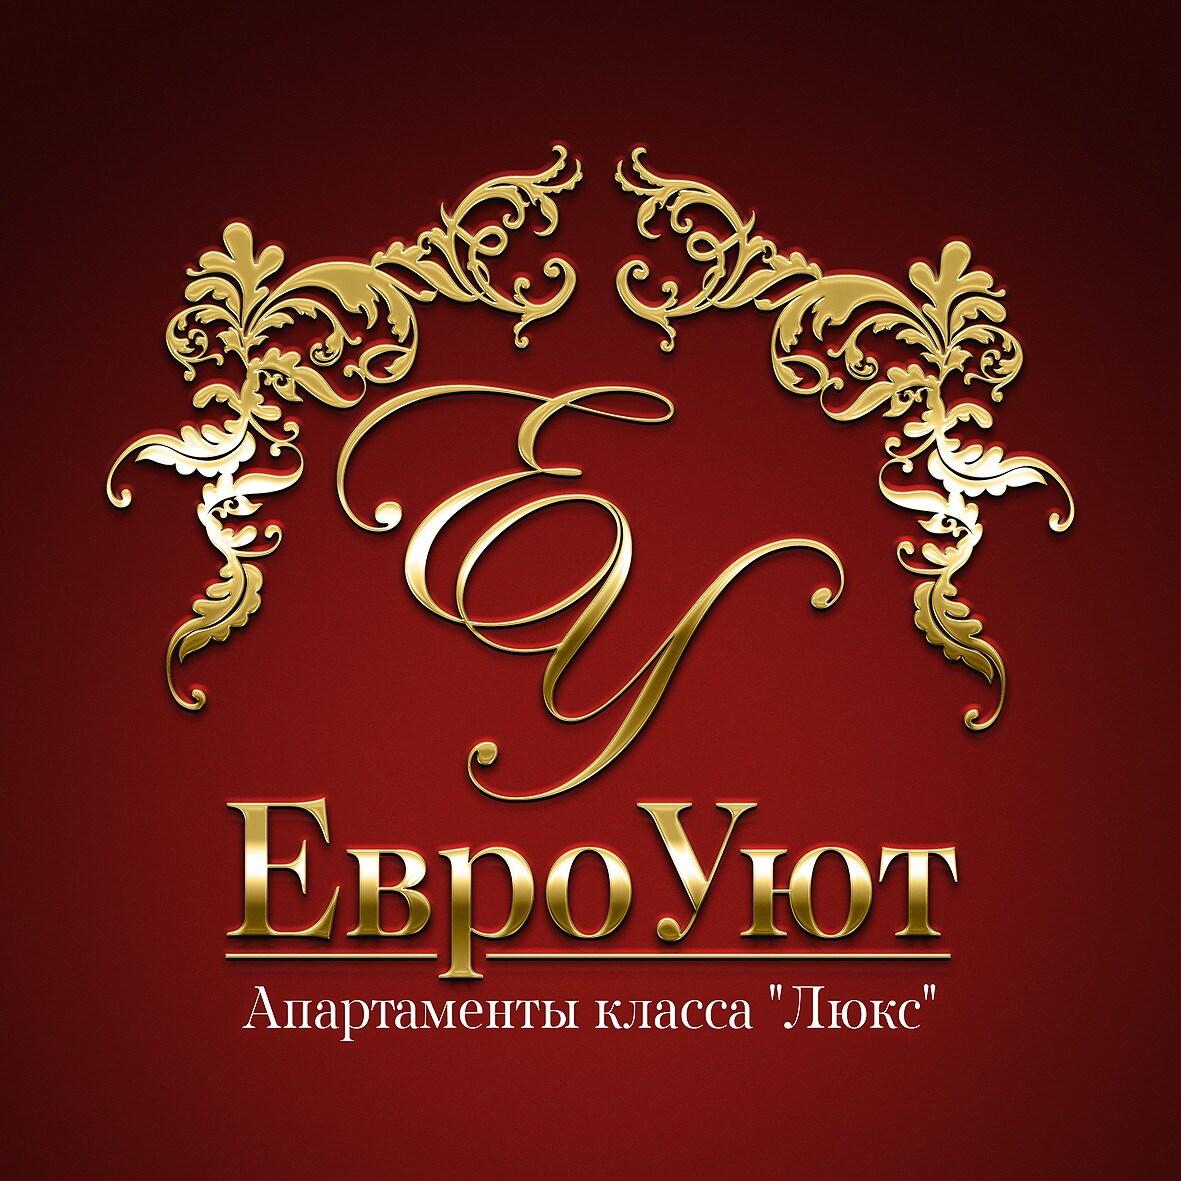 Компания «ЕвроУЮТ», специализирующаяся на предоста